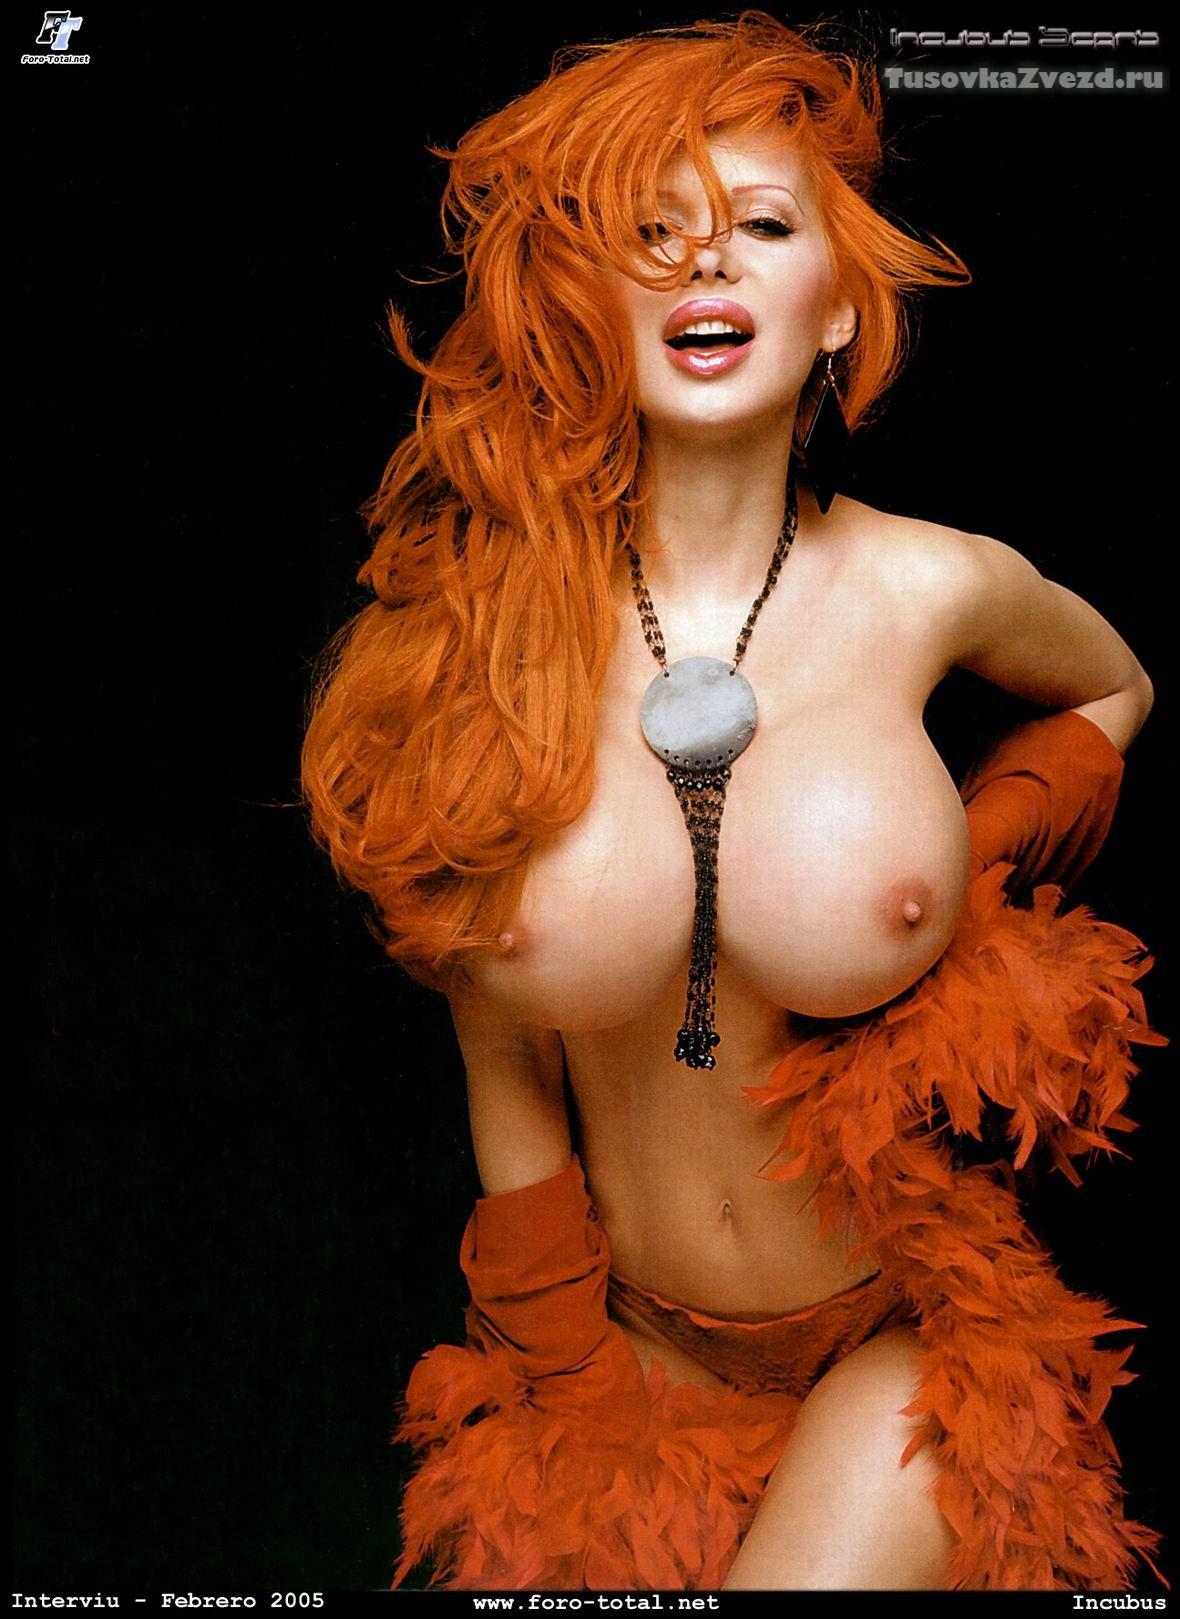 Сабрина секс фото @ m1bar.com